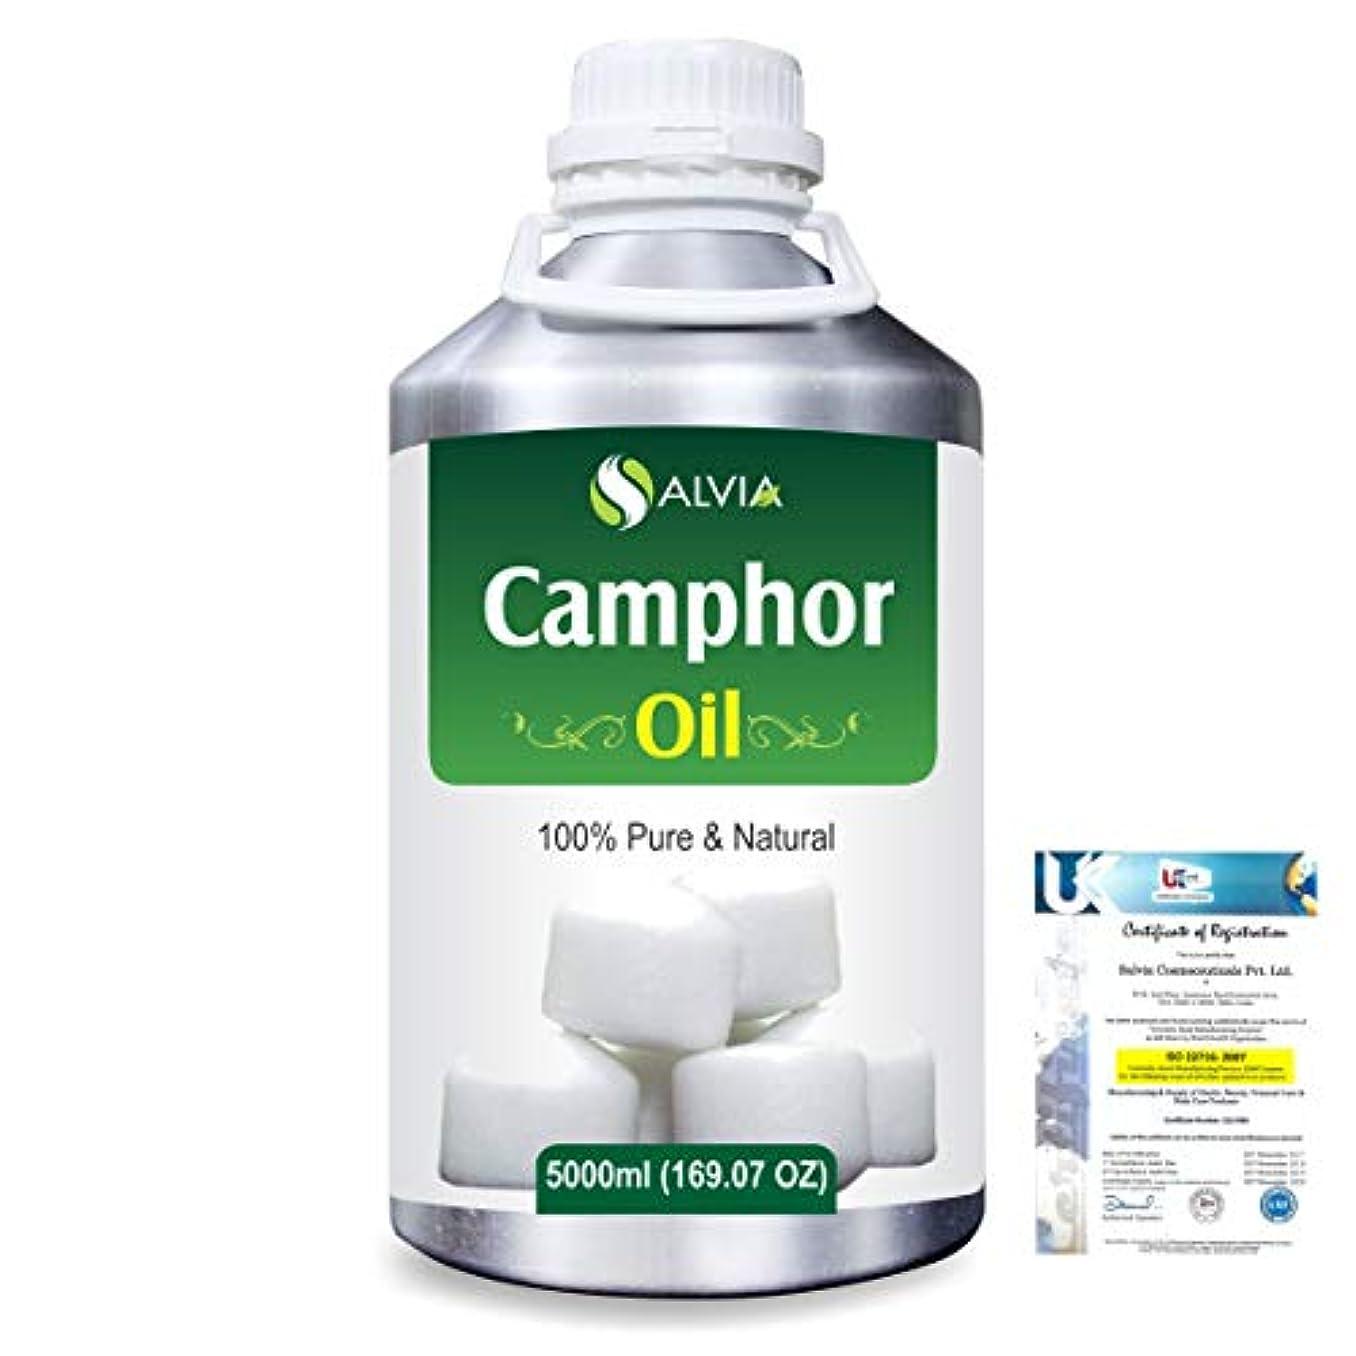 できたどこでも不利Camphor (Cinnamonutn camphora) 100% Natural Pure Essential Oil 5000ml/169fl.oz.